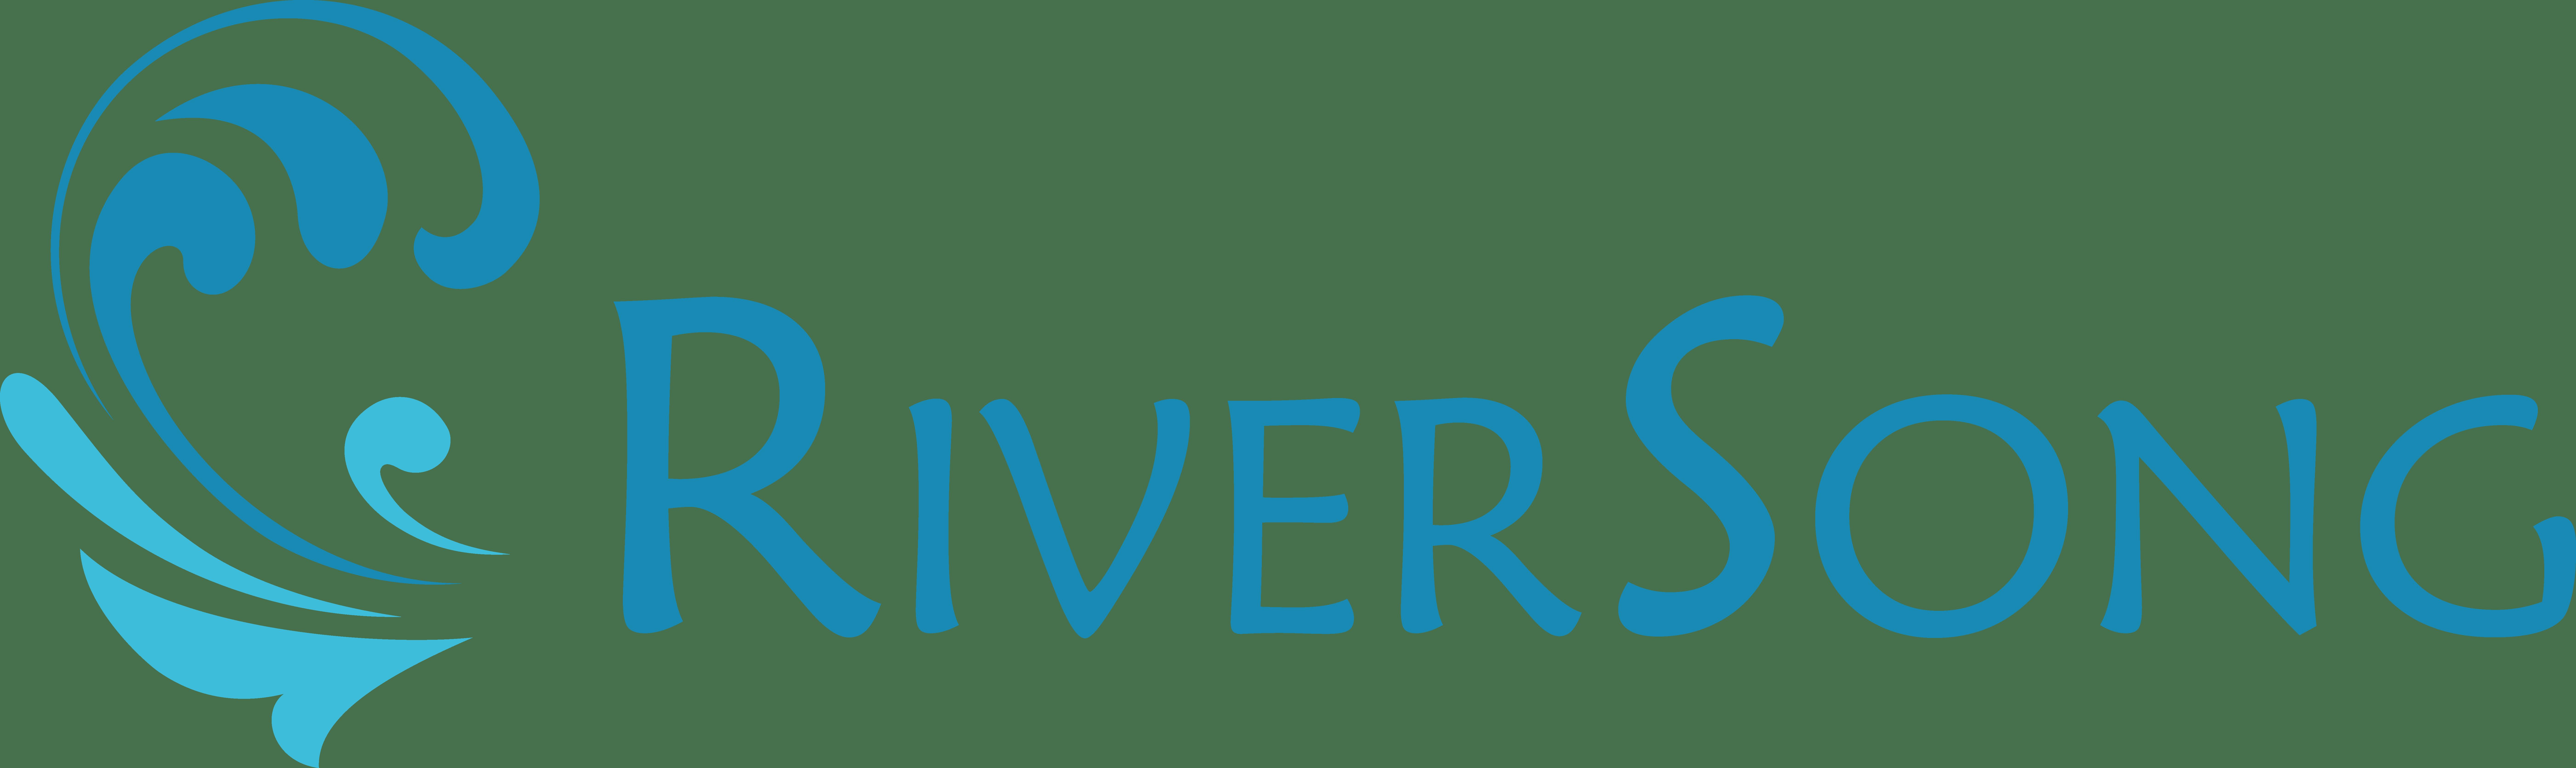 RiverSong s.r.o. - sociální sítě, PPC, weby, prezentace a PR - efektivně